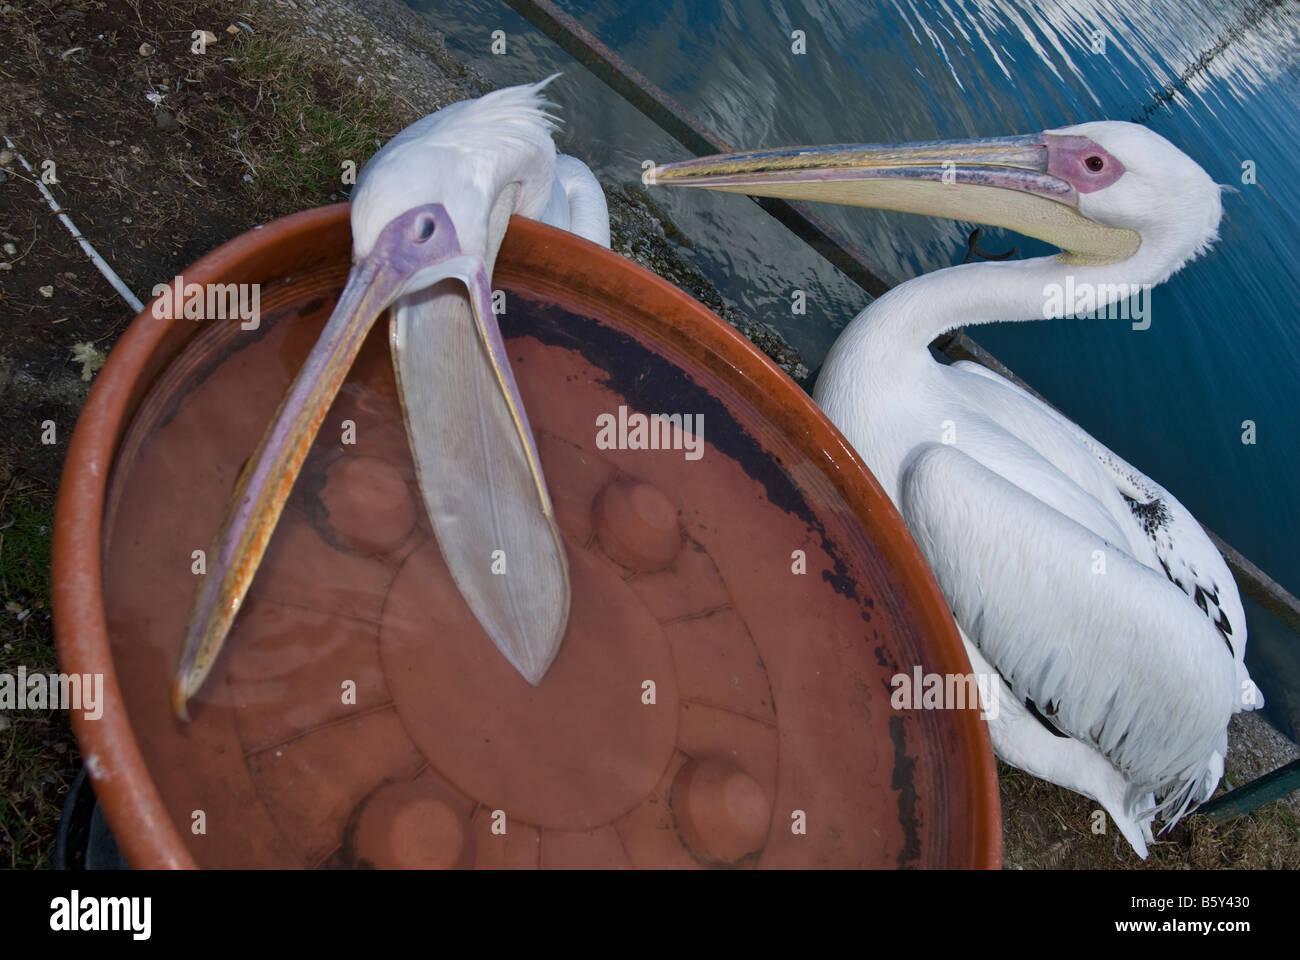 Pelecanus onocrotalus pellicano bianco pellicanidi uccelli acquatici - Stock Image